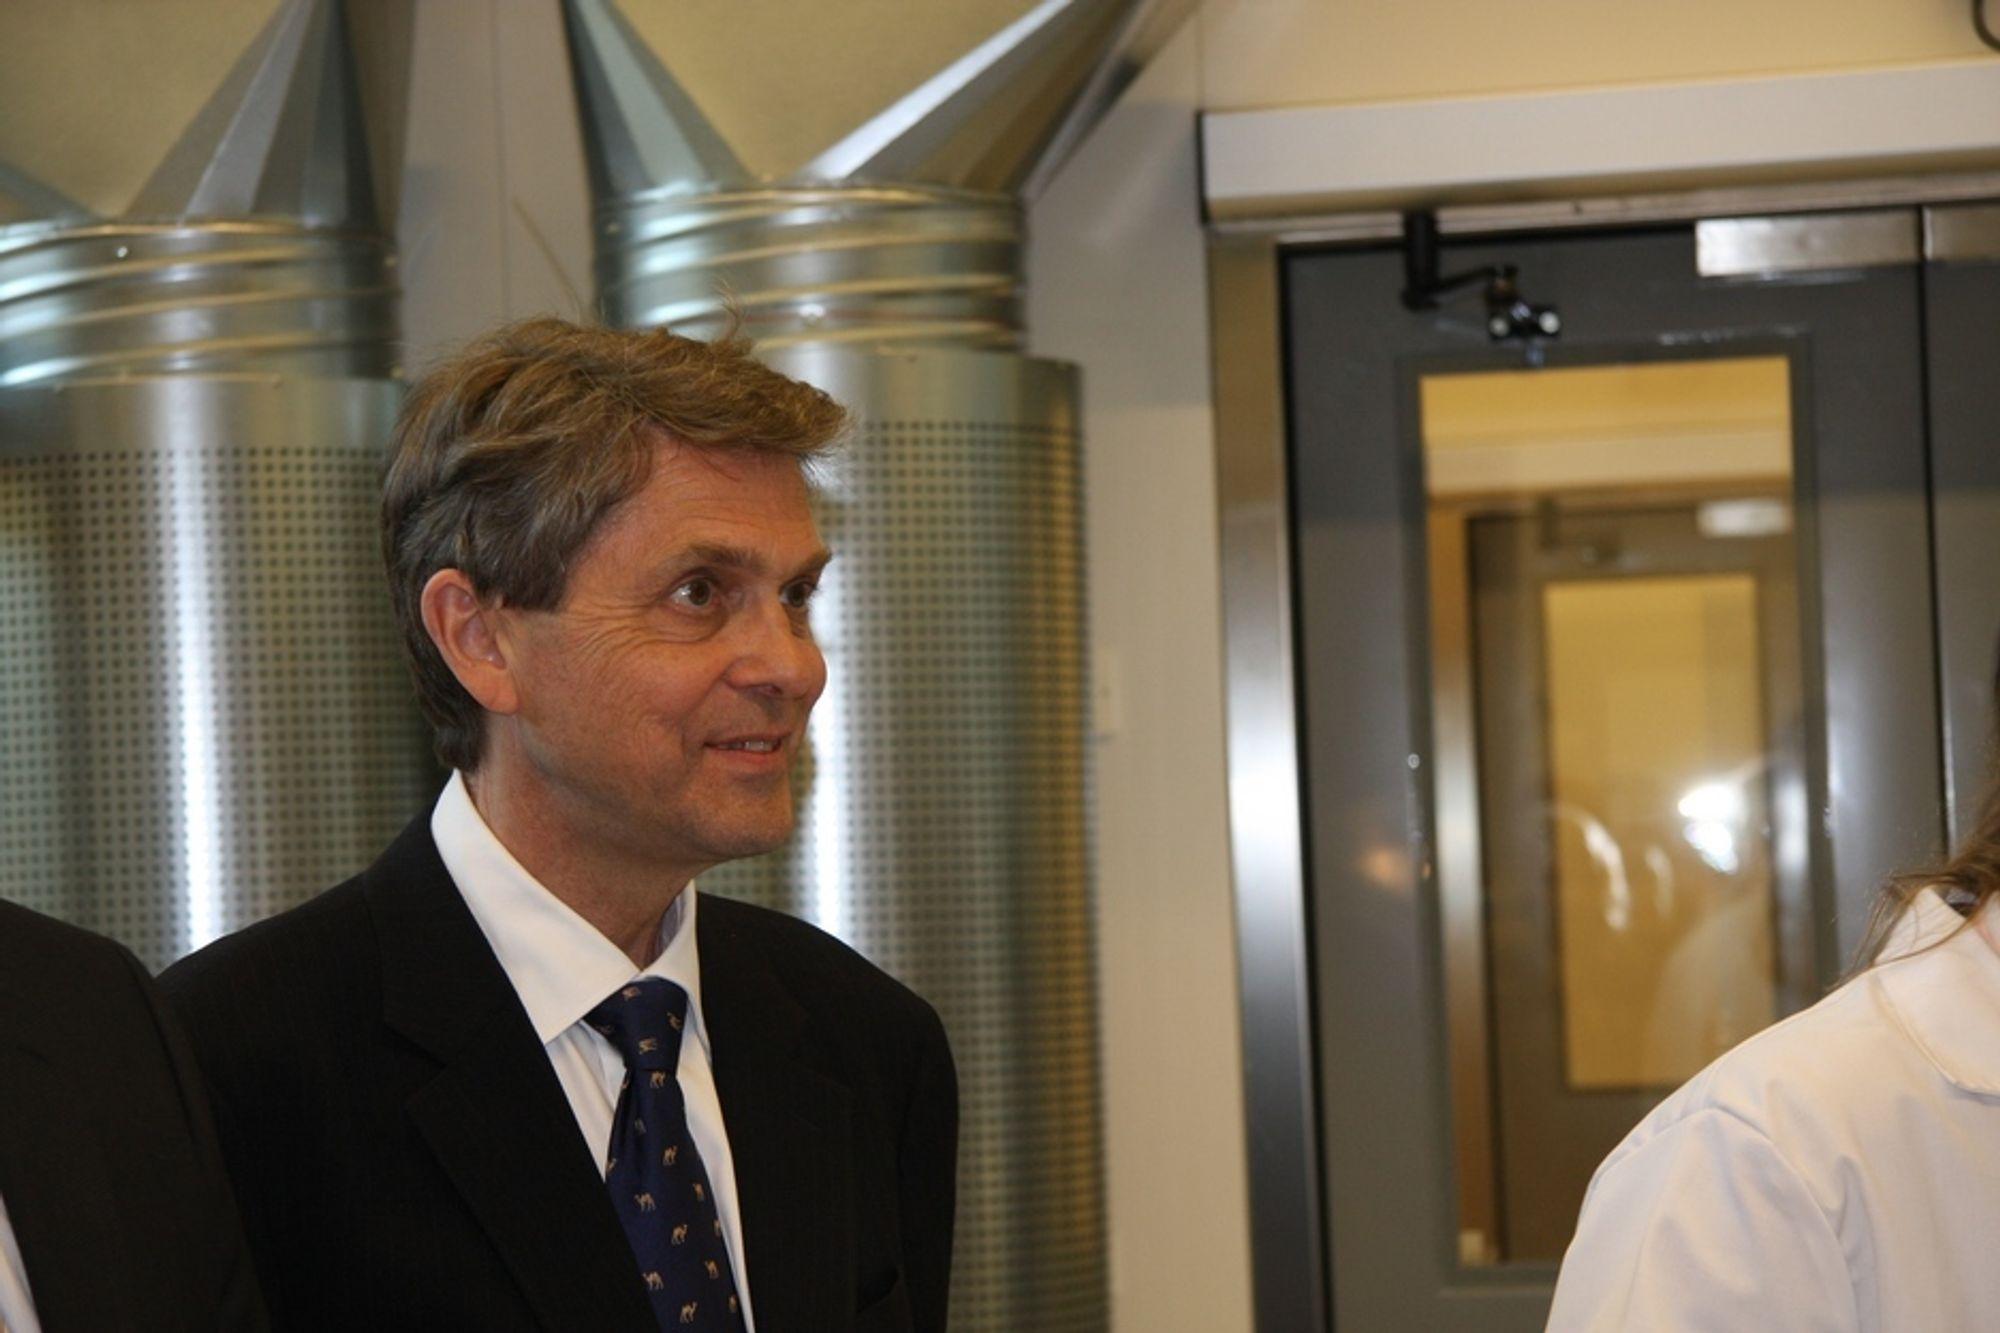 HAR FÅTT NOK: IFE-direktør Kjell Bendiksen gir seg fra 1. mai.